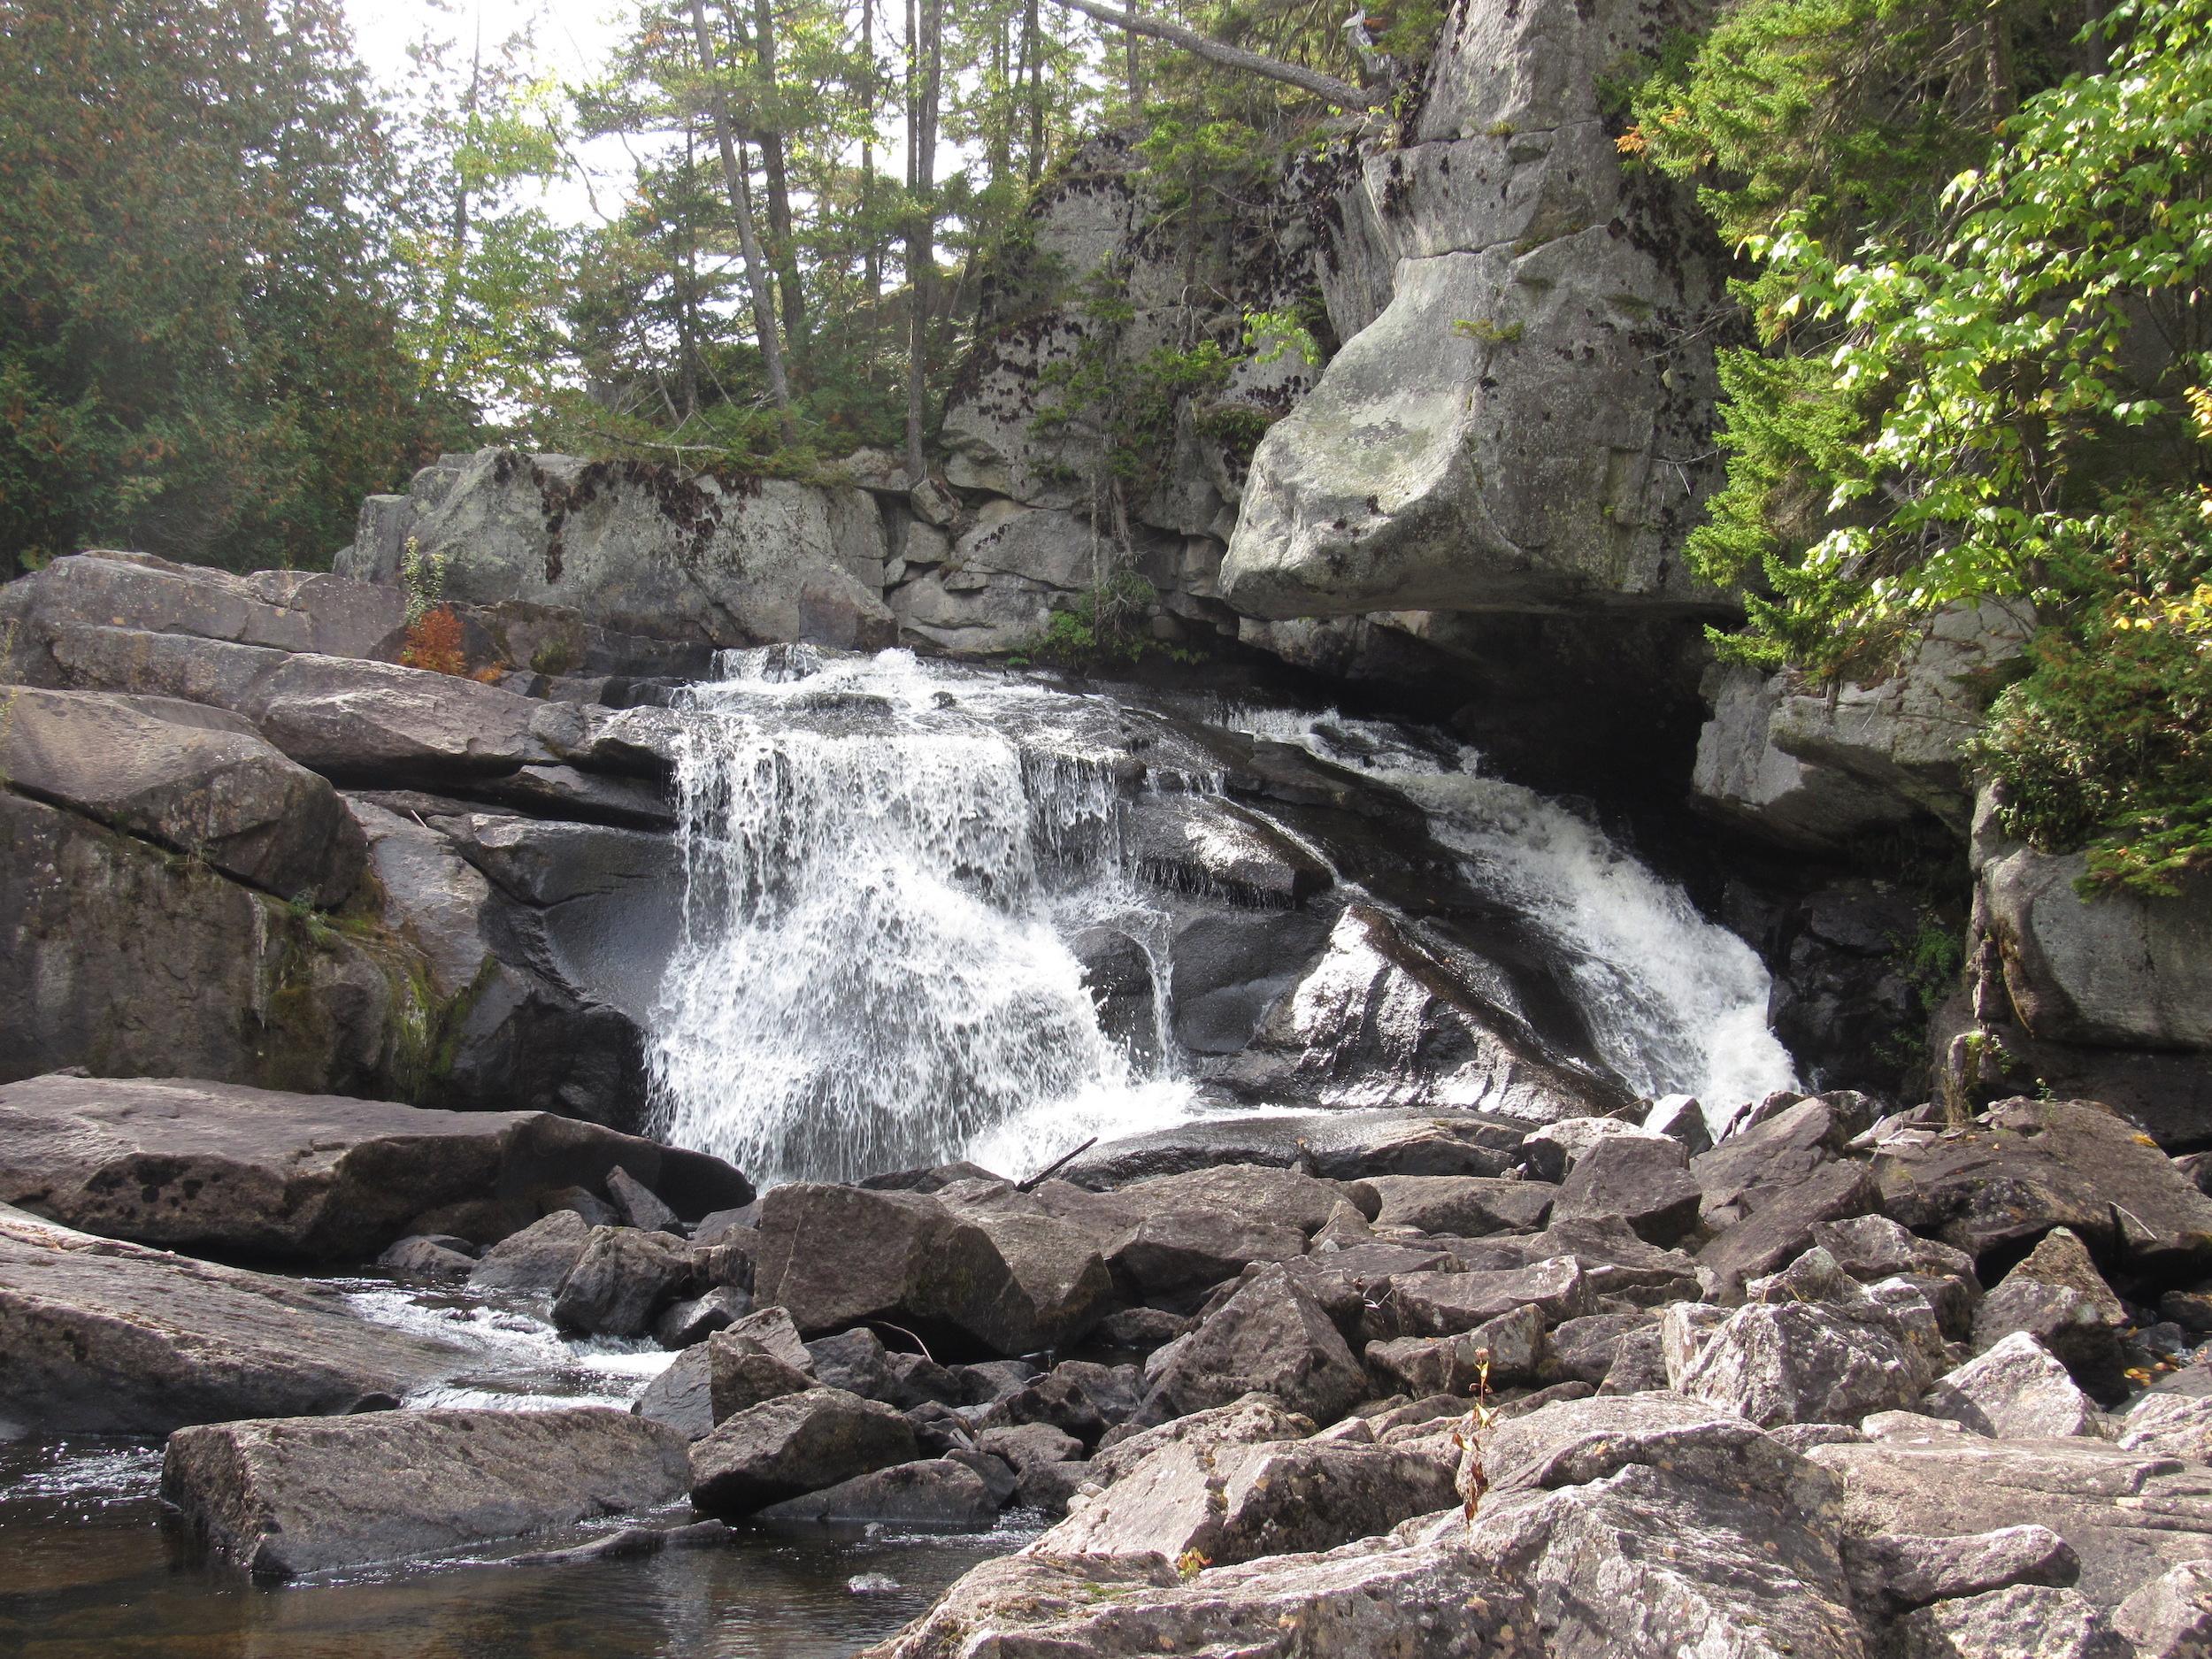 Polywog Gorge, lower falls